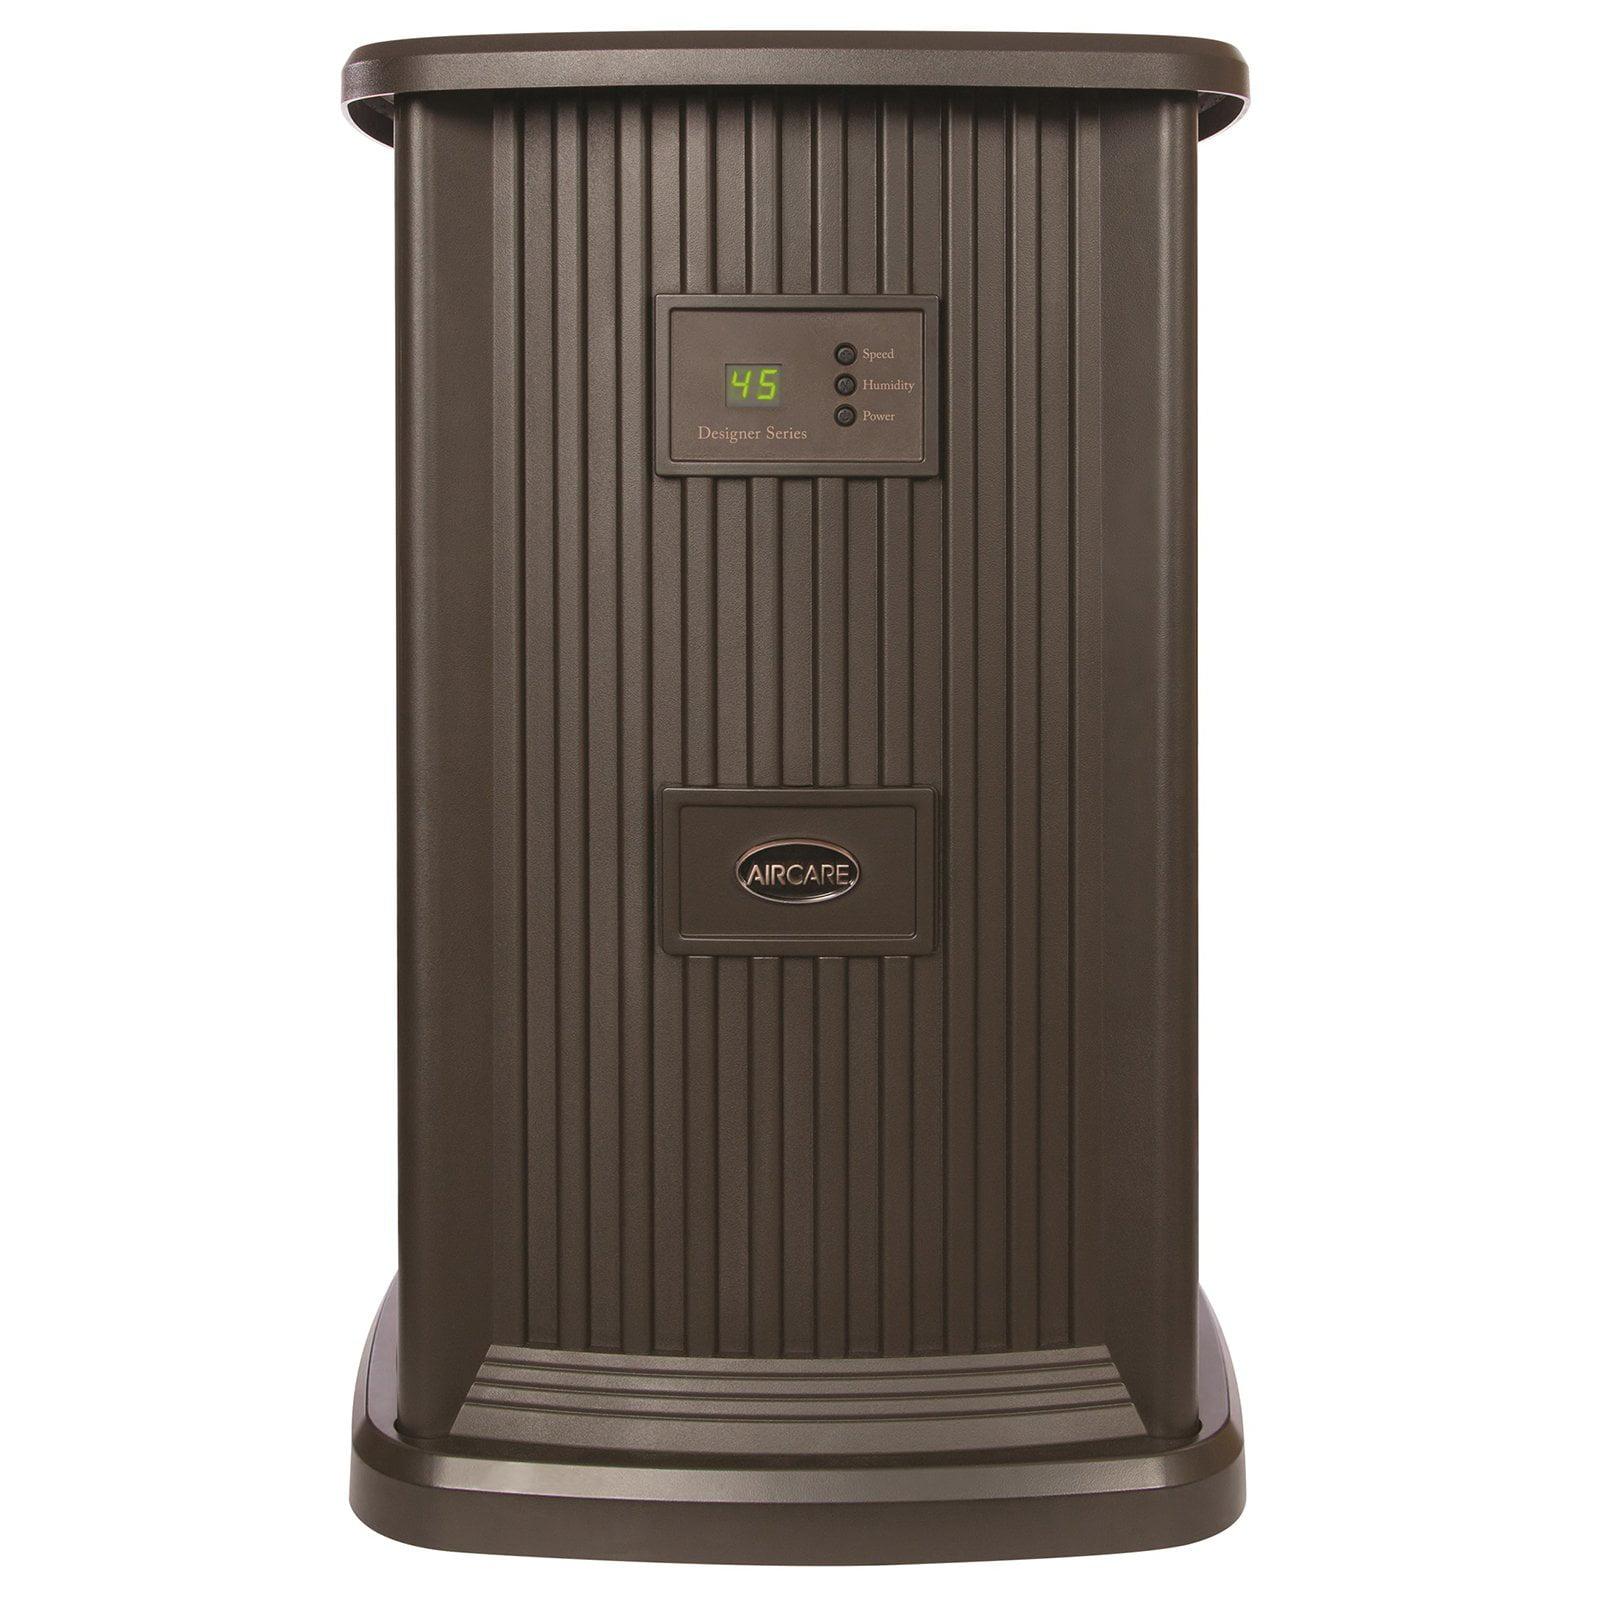 AIRCARE EP9800 Evaporative Pedestal Humidifier